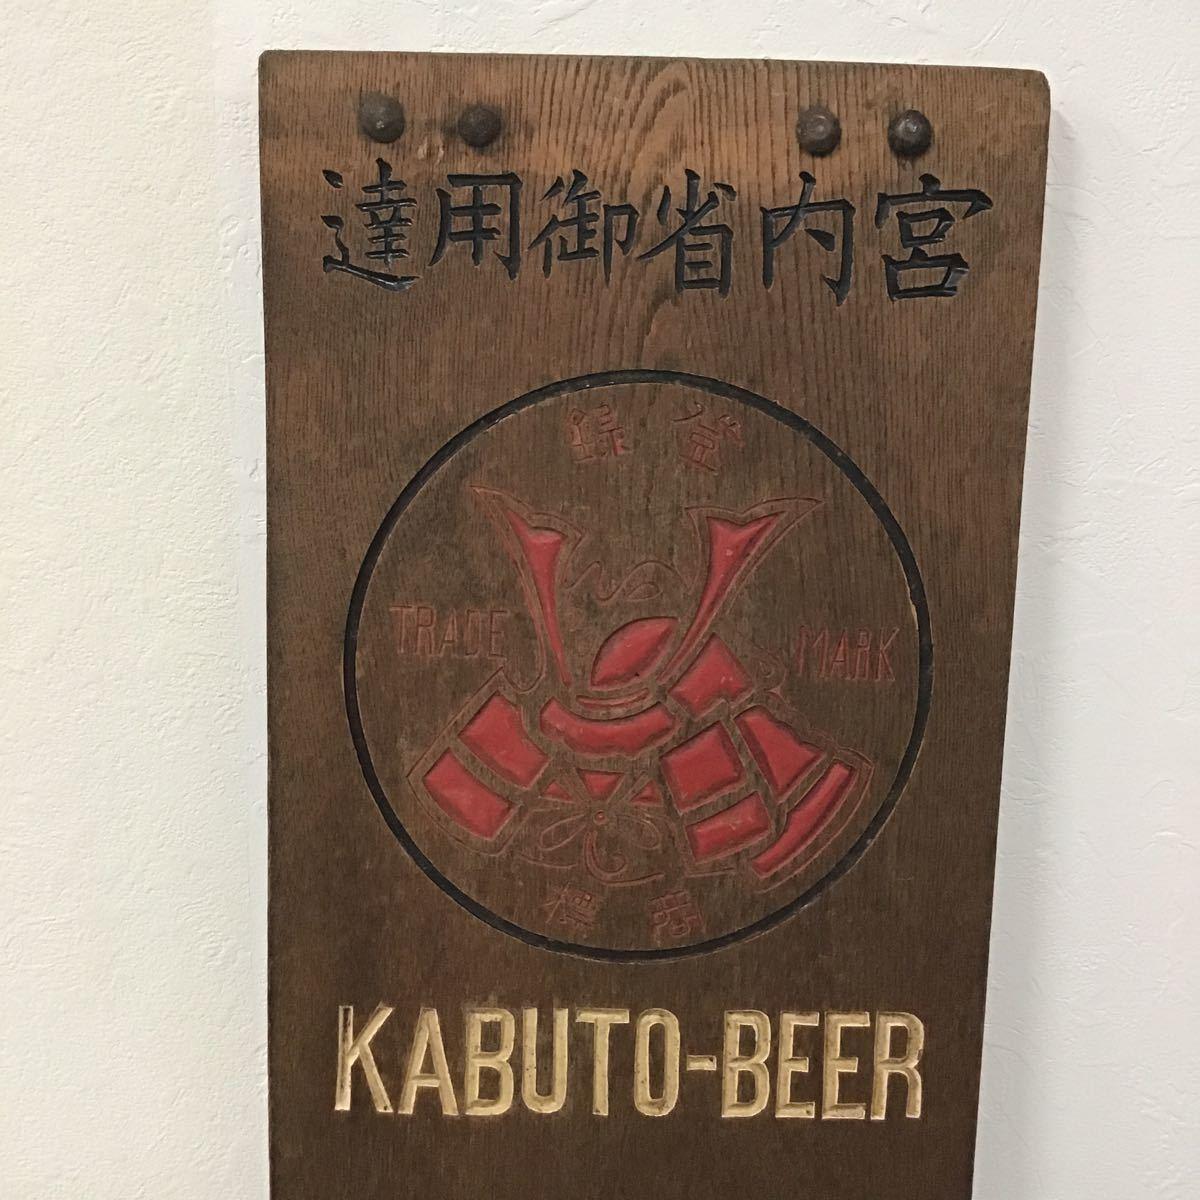 宮内省御用達 加冨登ビール 戦前の看板 No.71_画像2